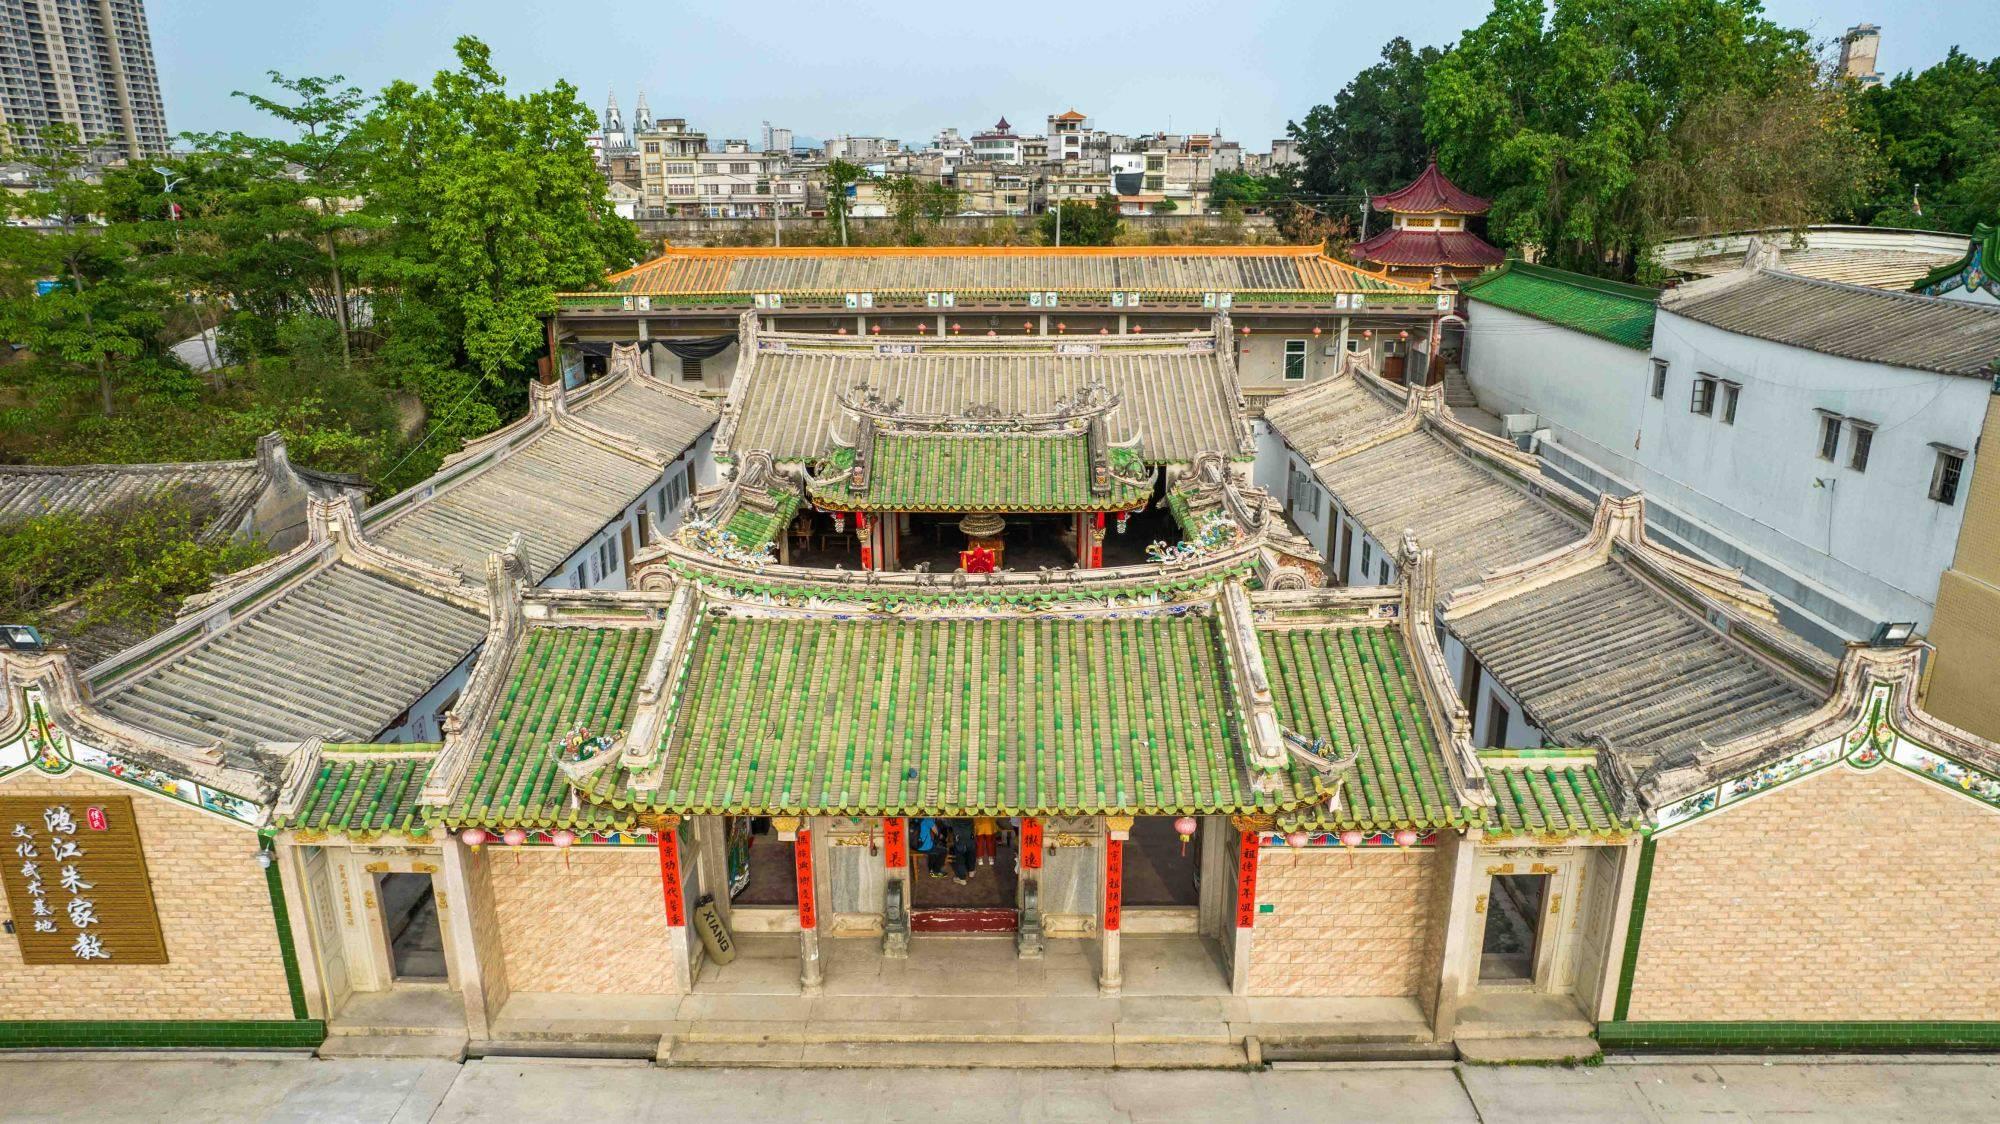 广东五大名拳之一,历史悠久,明朝皇族后裔所建,一步一拳稳准狠